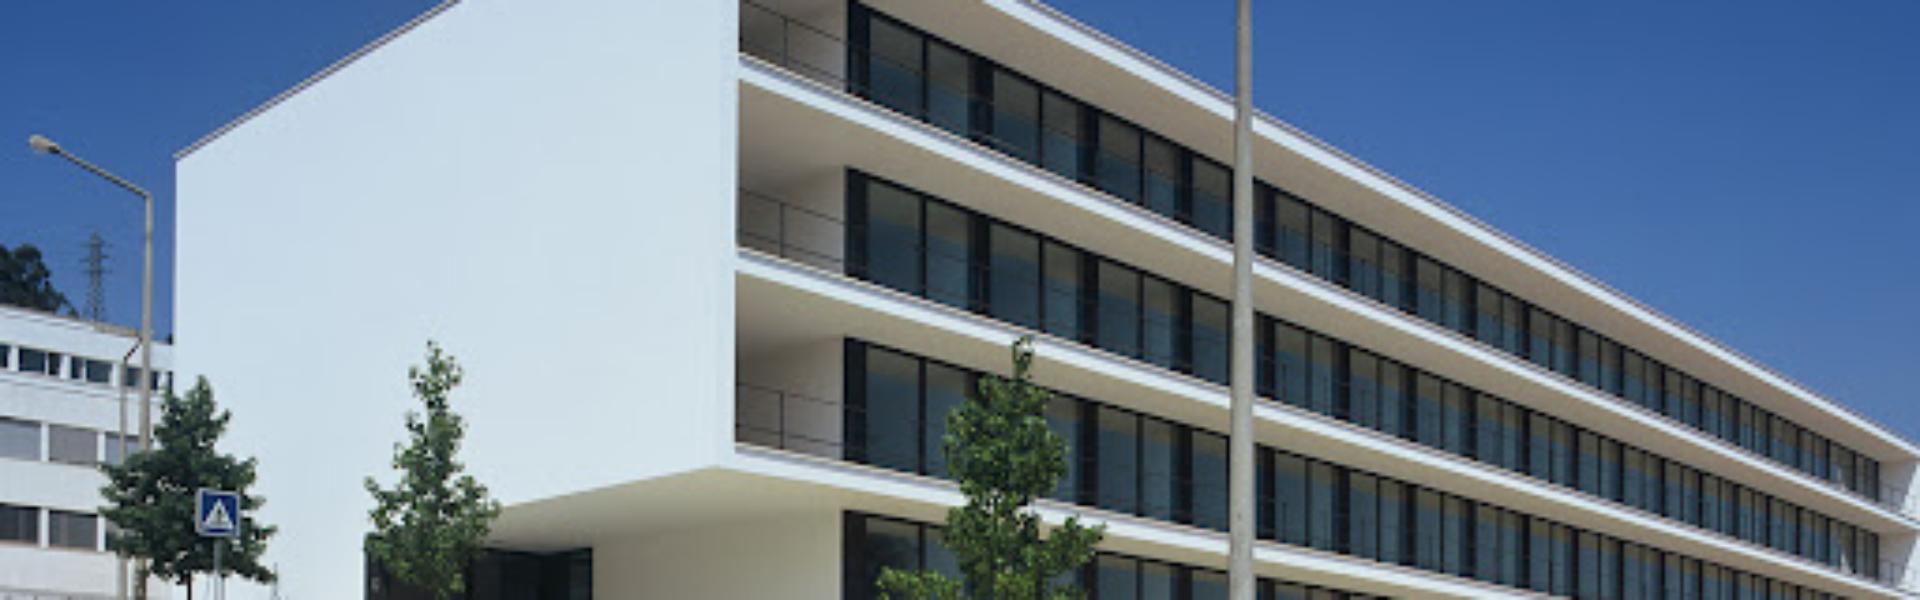 Candidaturas a Alojamento em Residência Universitária